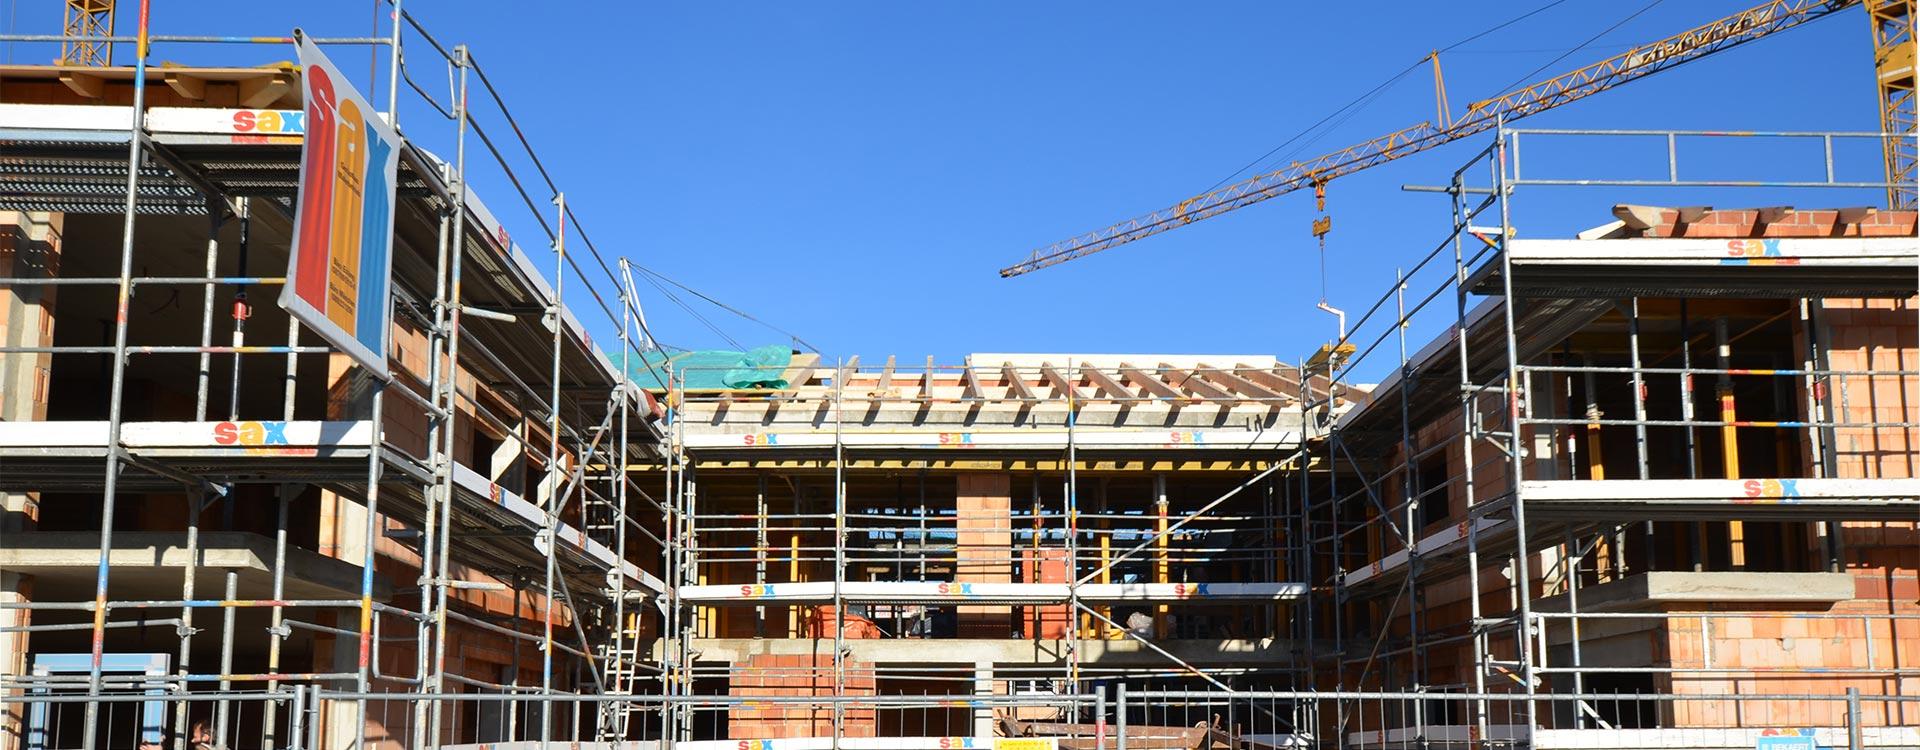 Zimmerarbeiten und Holzbau bei Rottenburg